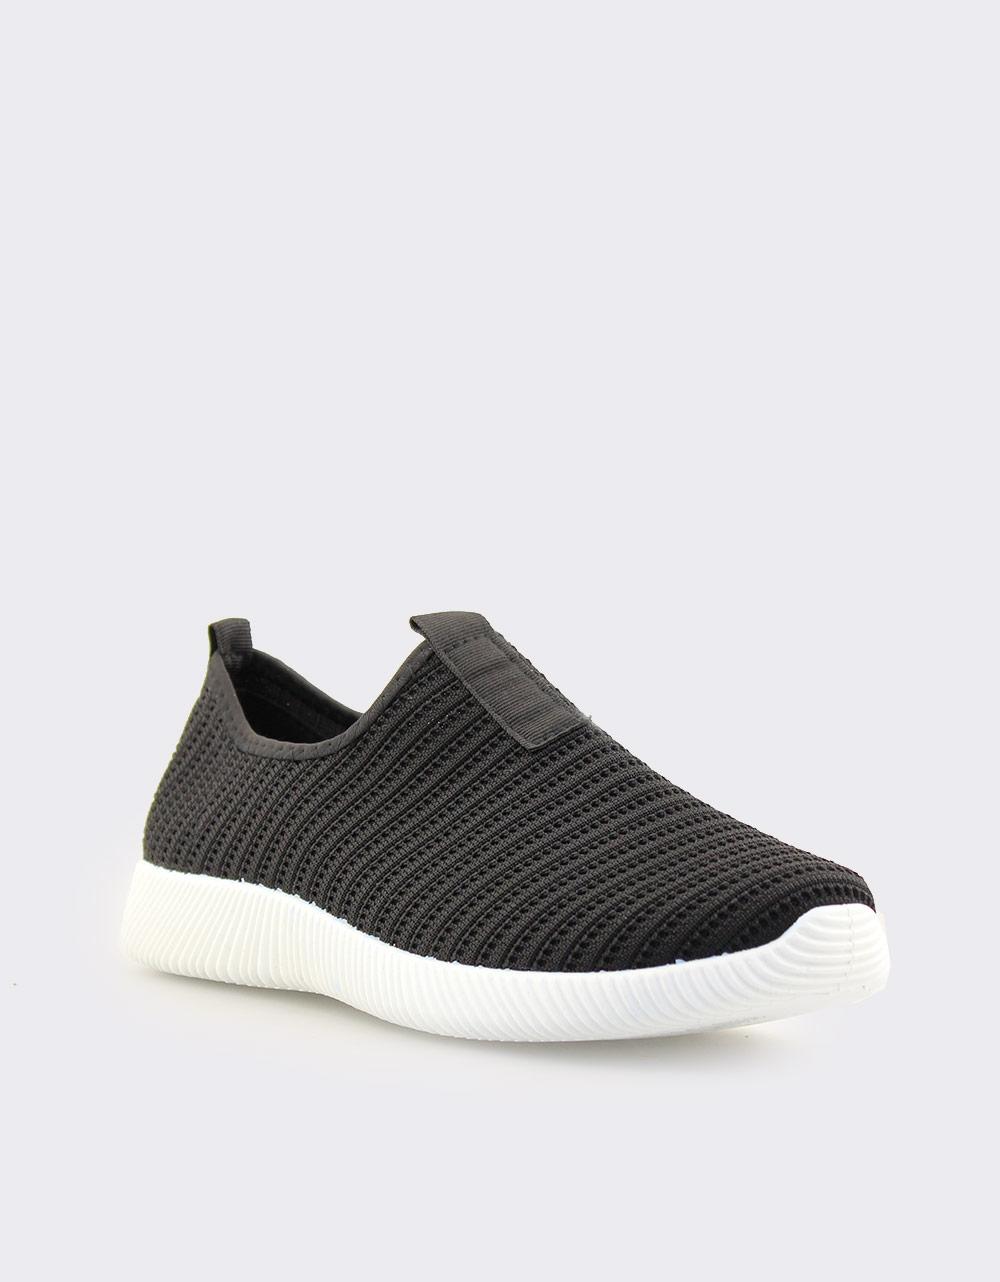 Εικόνα από Ανδρικά sneakers ελαστικά Μαύρο/Λευκό